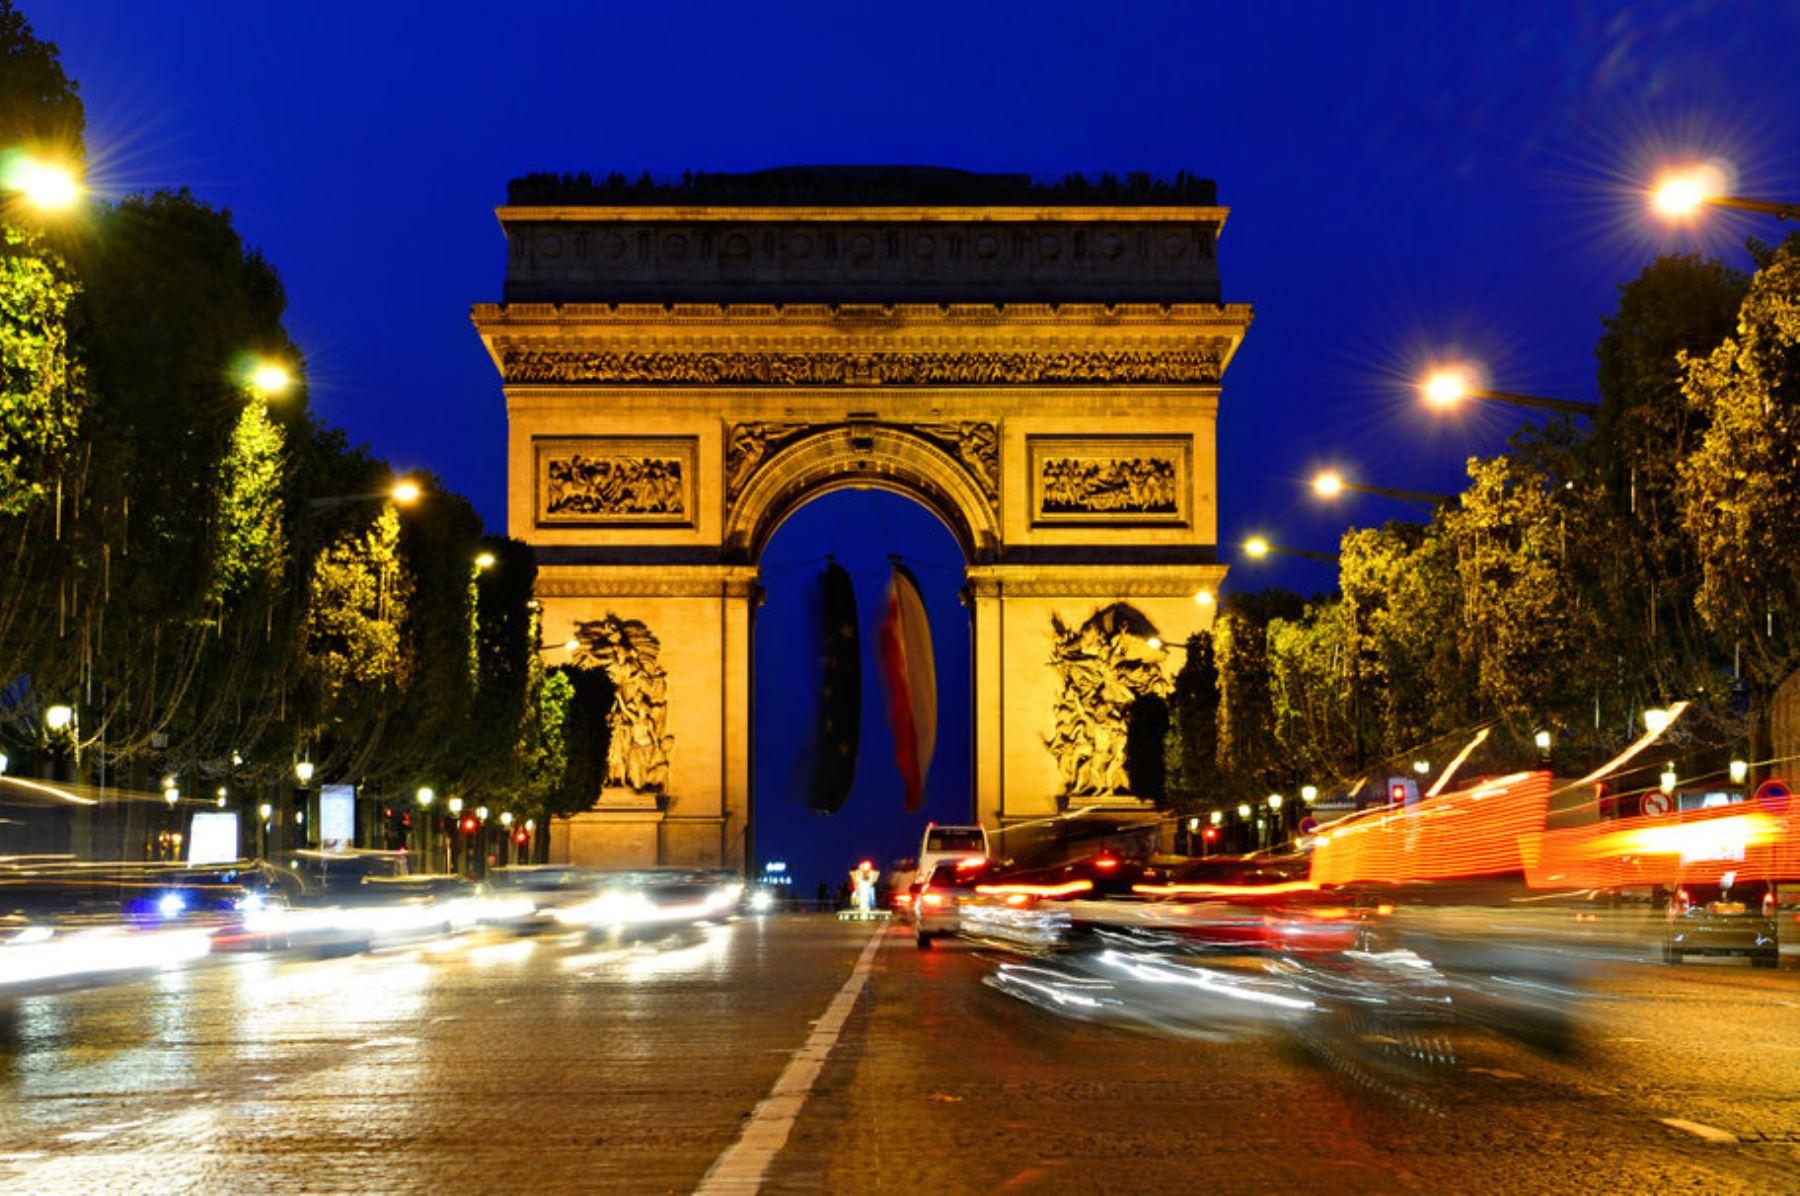 Paris se ha propuesto crear más espacios verdes para disminuir las temperaturas. /Medios